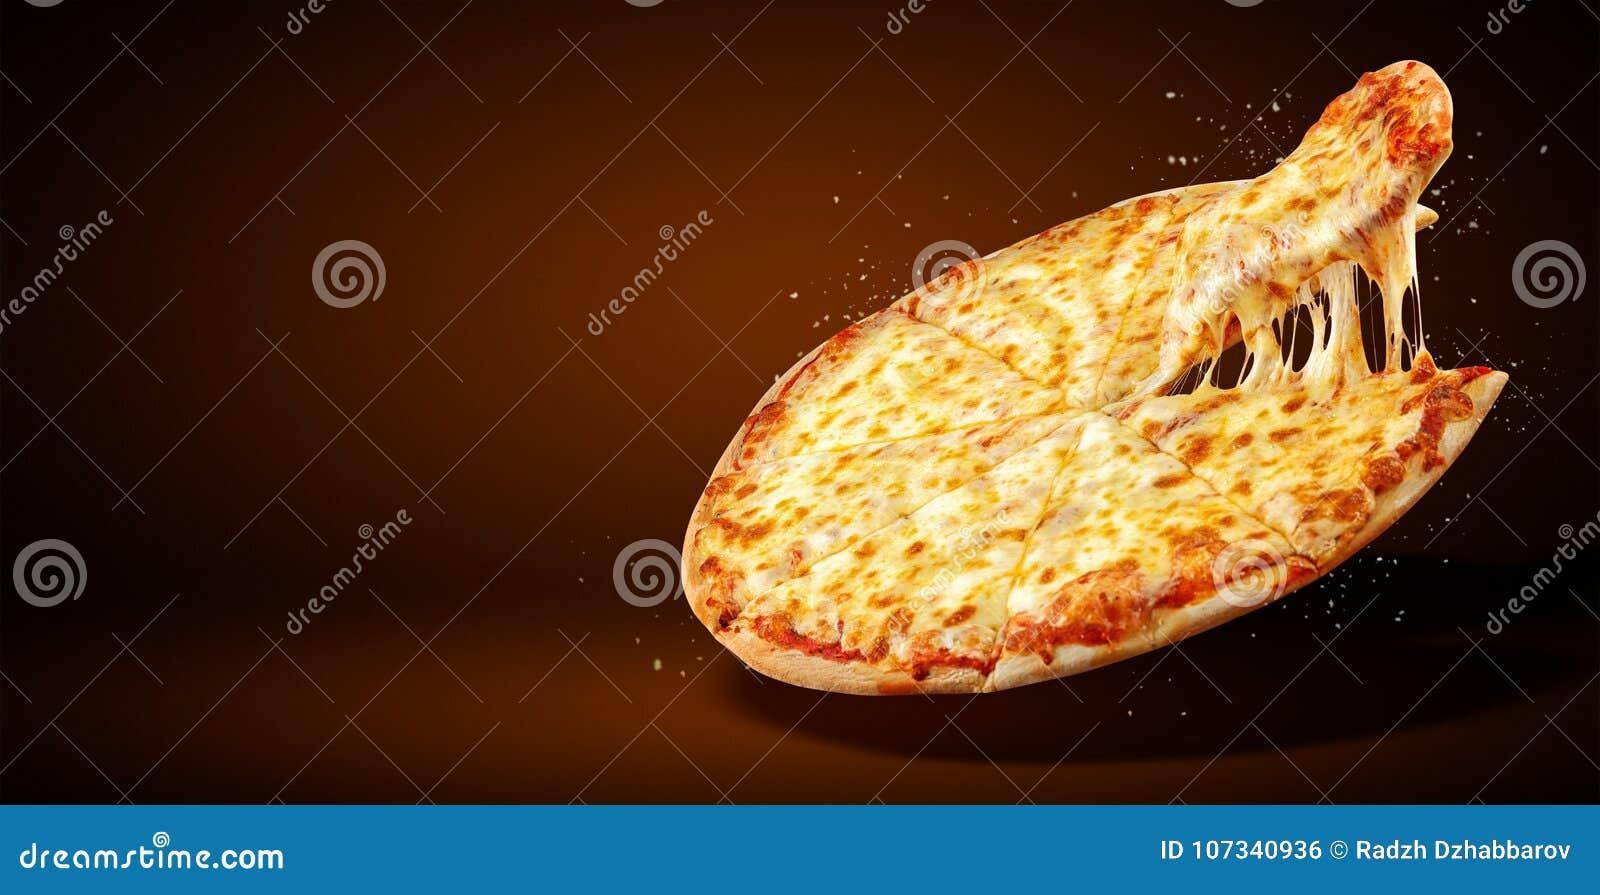 概念增进飞行物和海报餐馆或比萨店的,模板可口口味玛格丽塔酒薄饼,无盐干酪乳酪